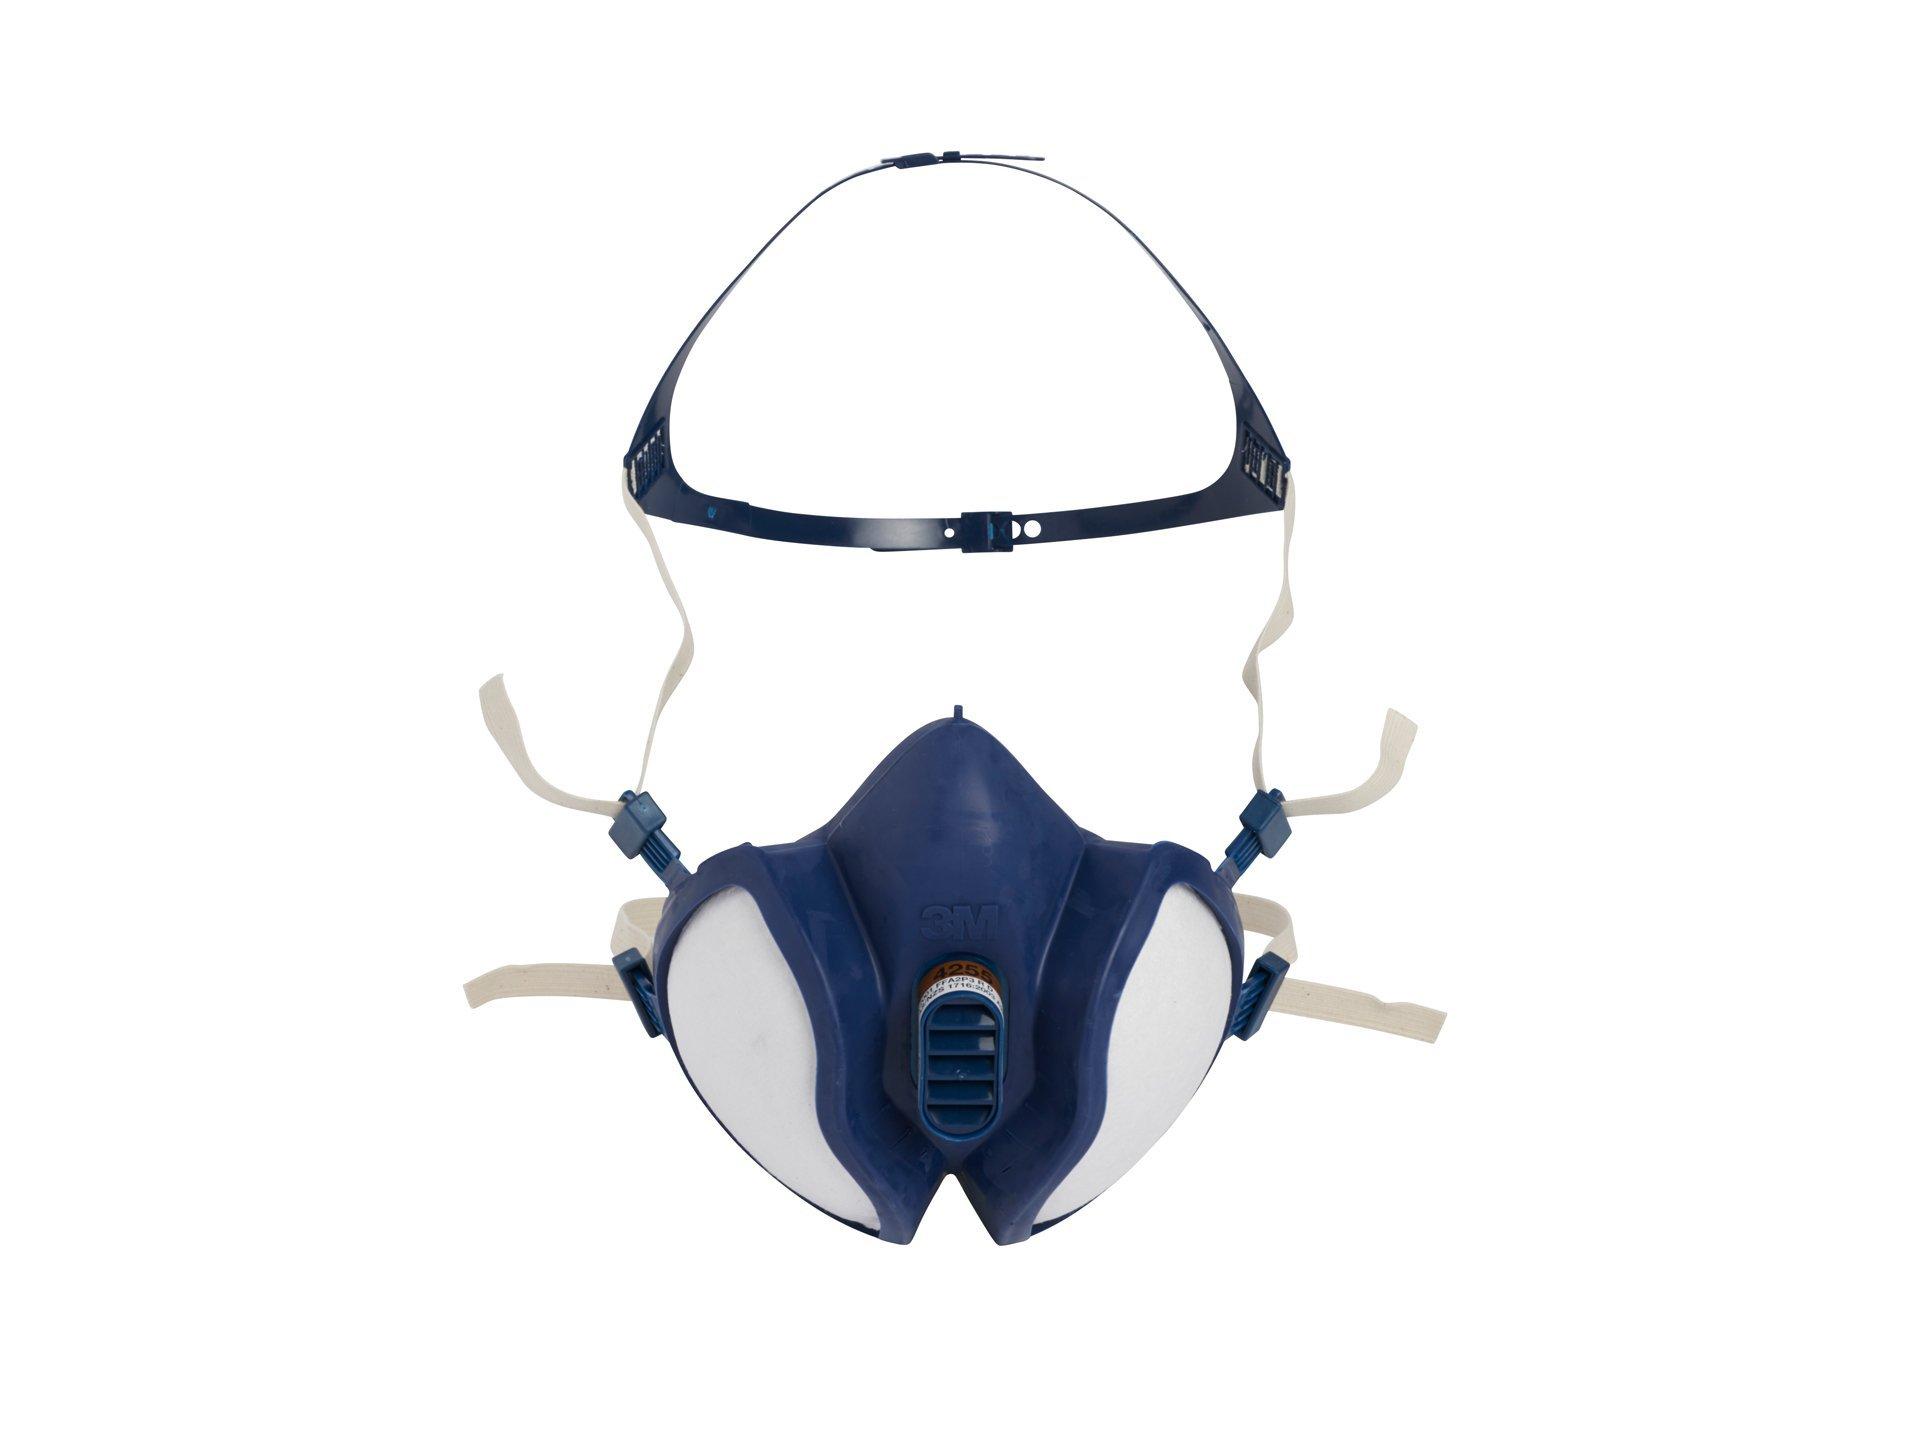 maschera 3m per verniciatura